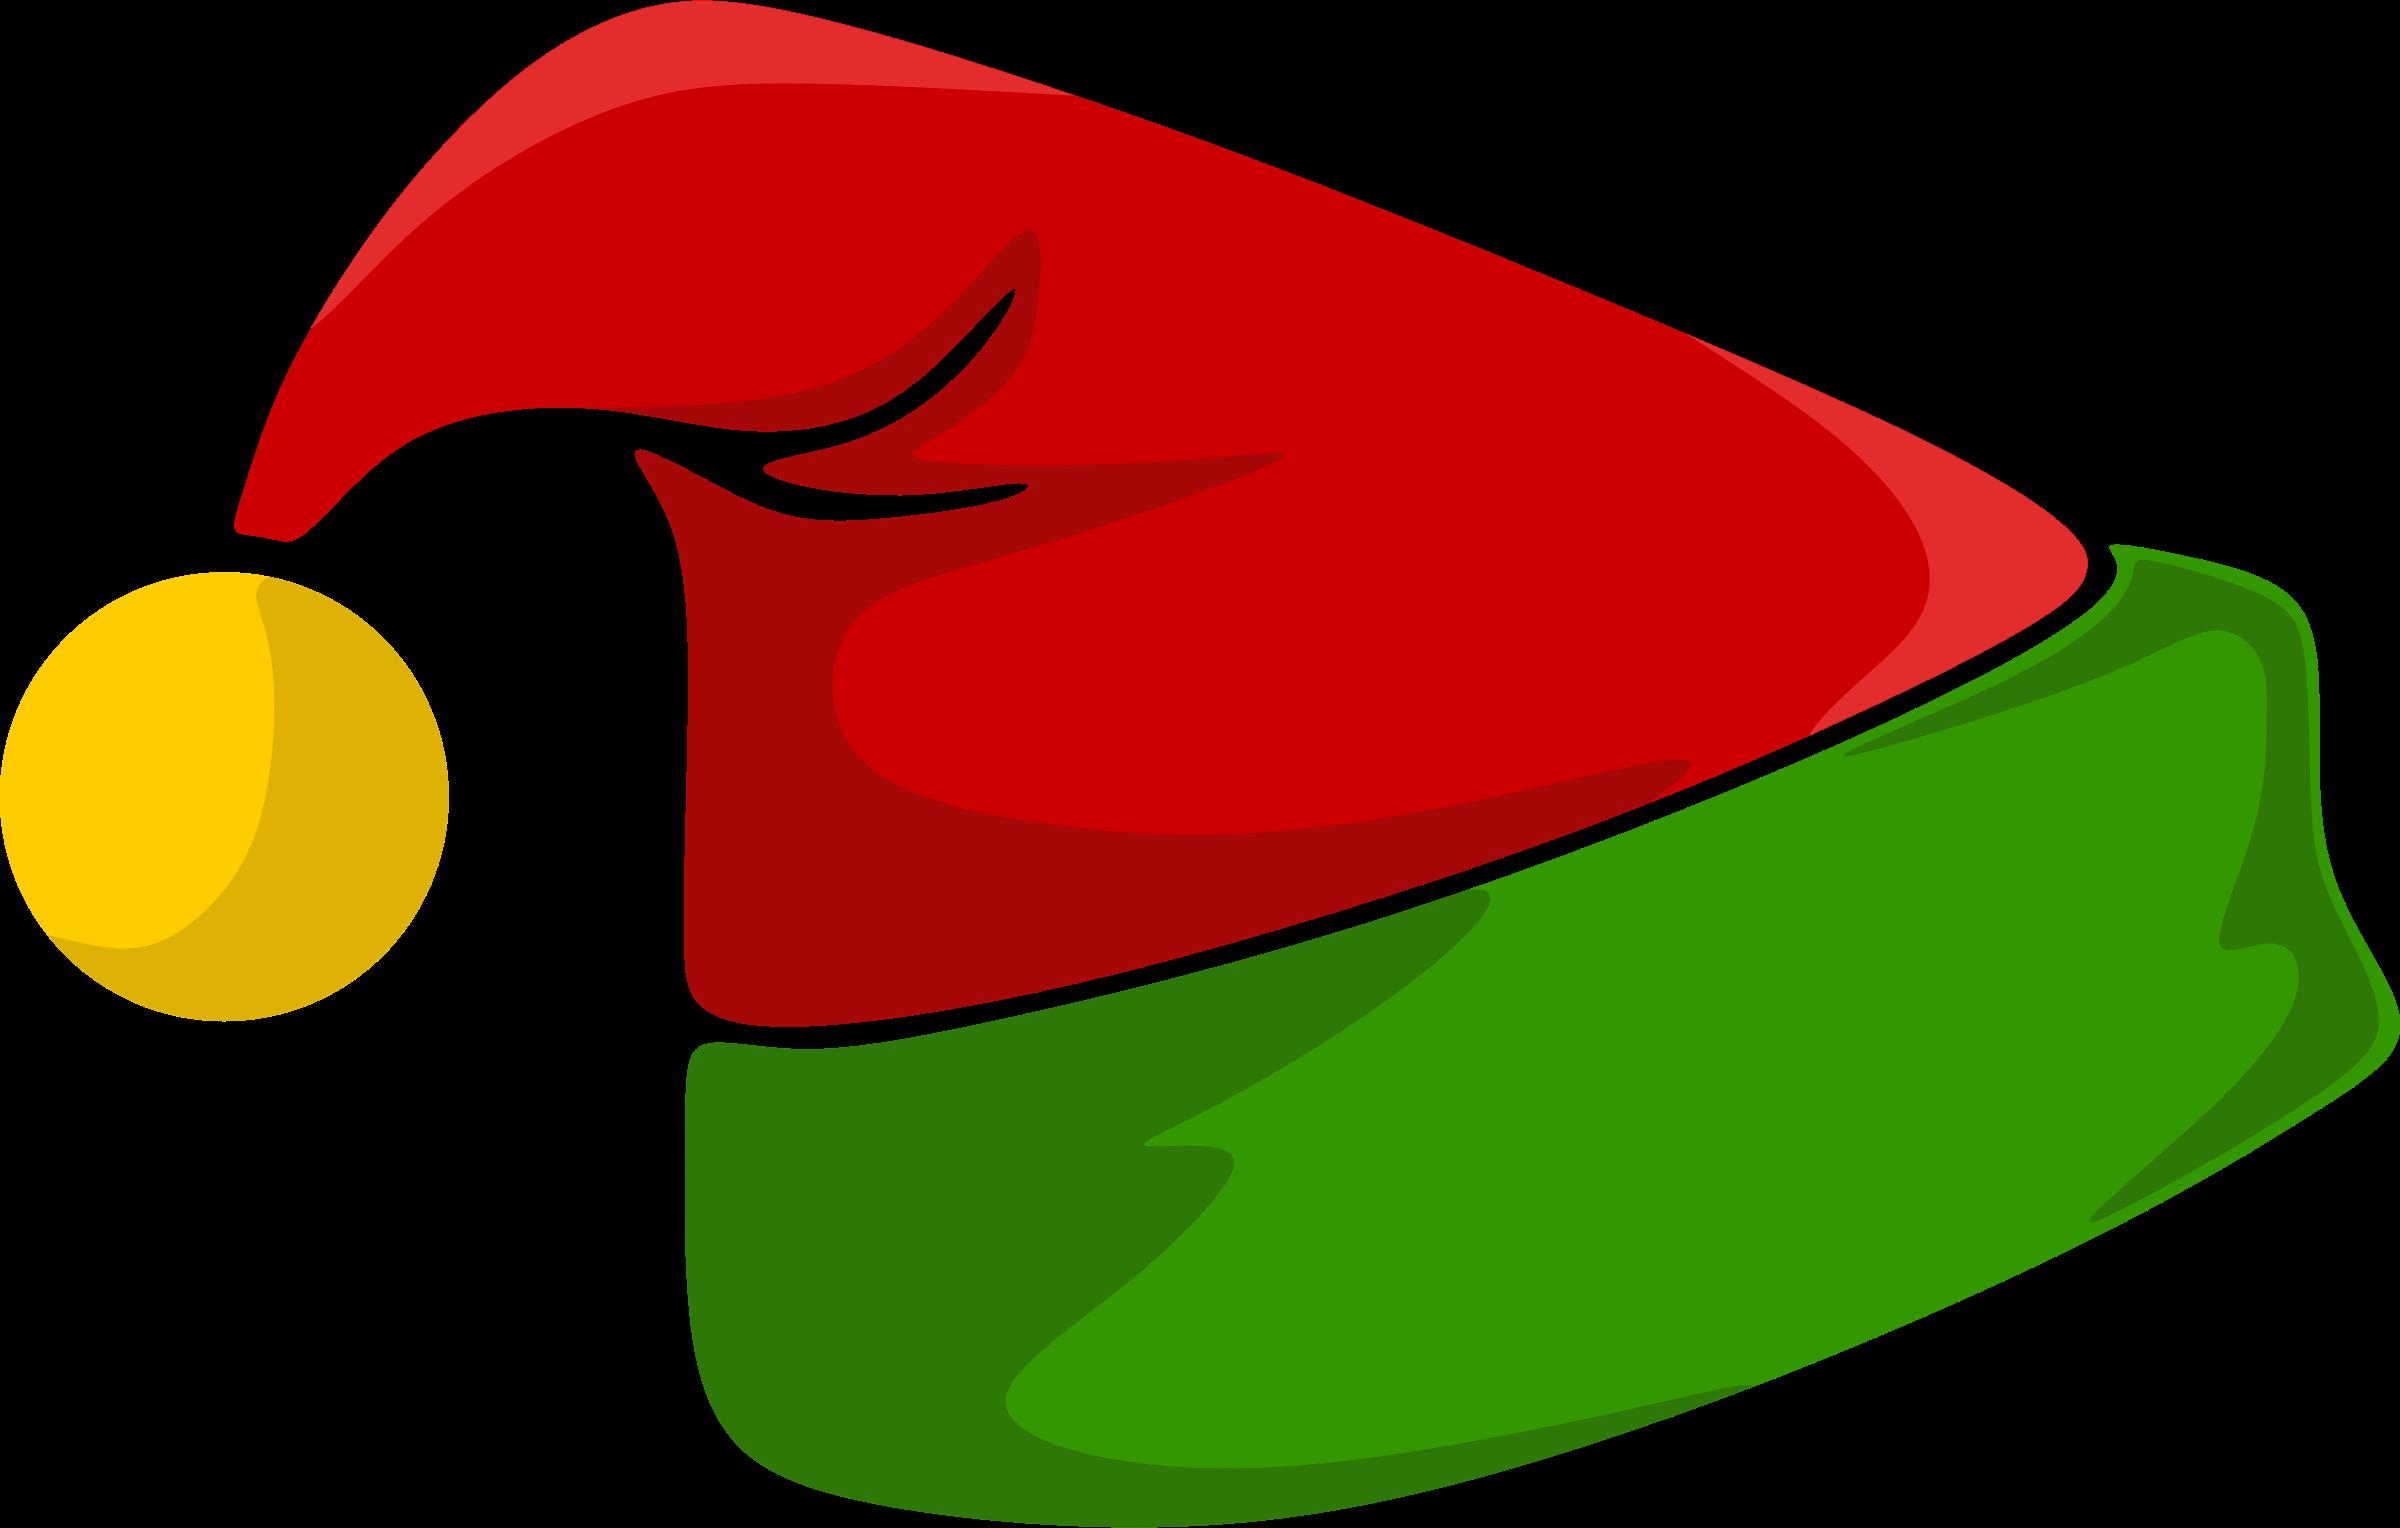 Elf Hat Clipart Free Download Clip Art.